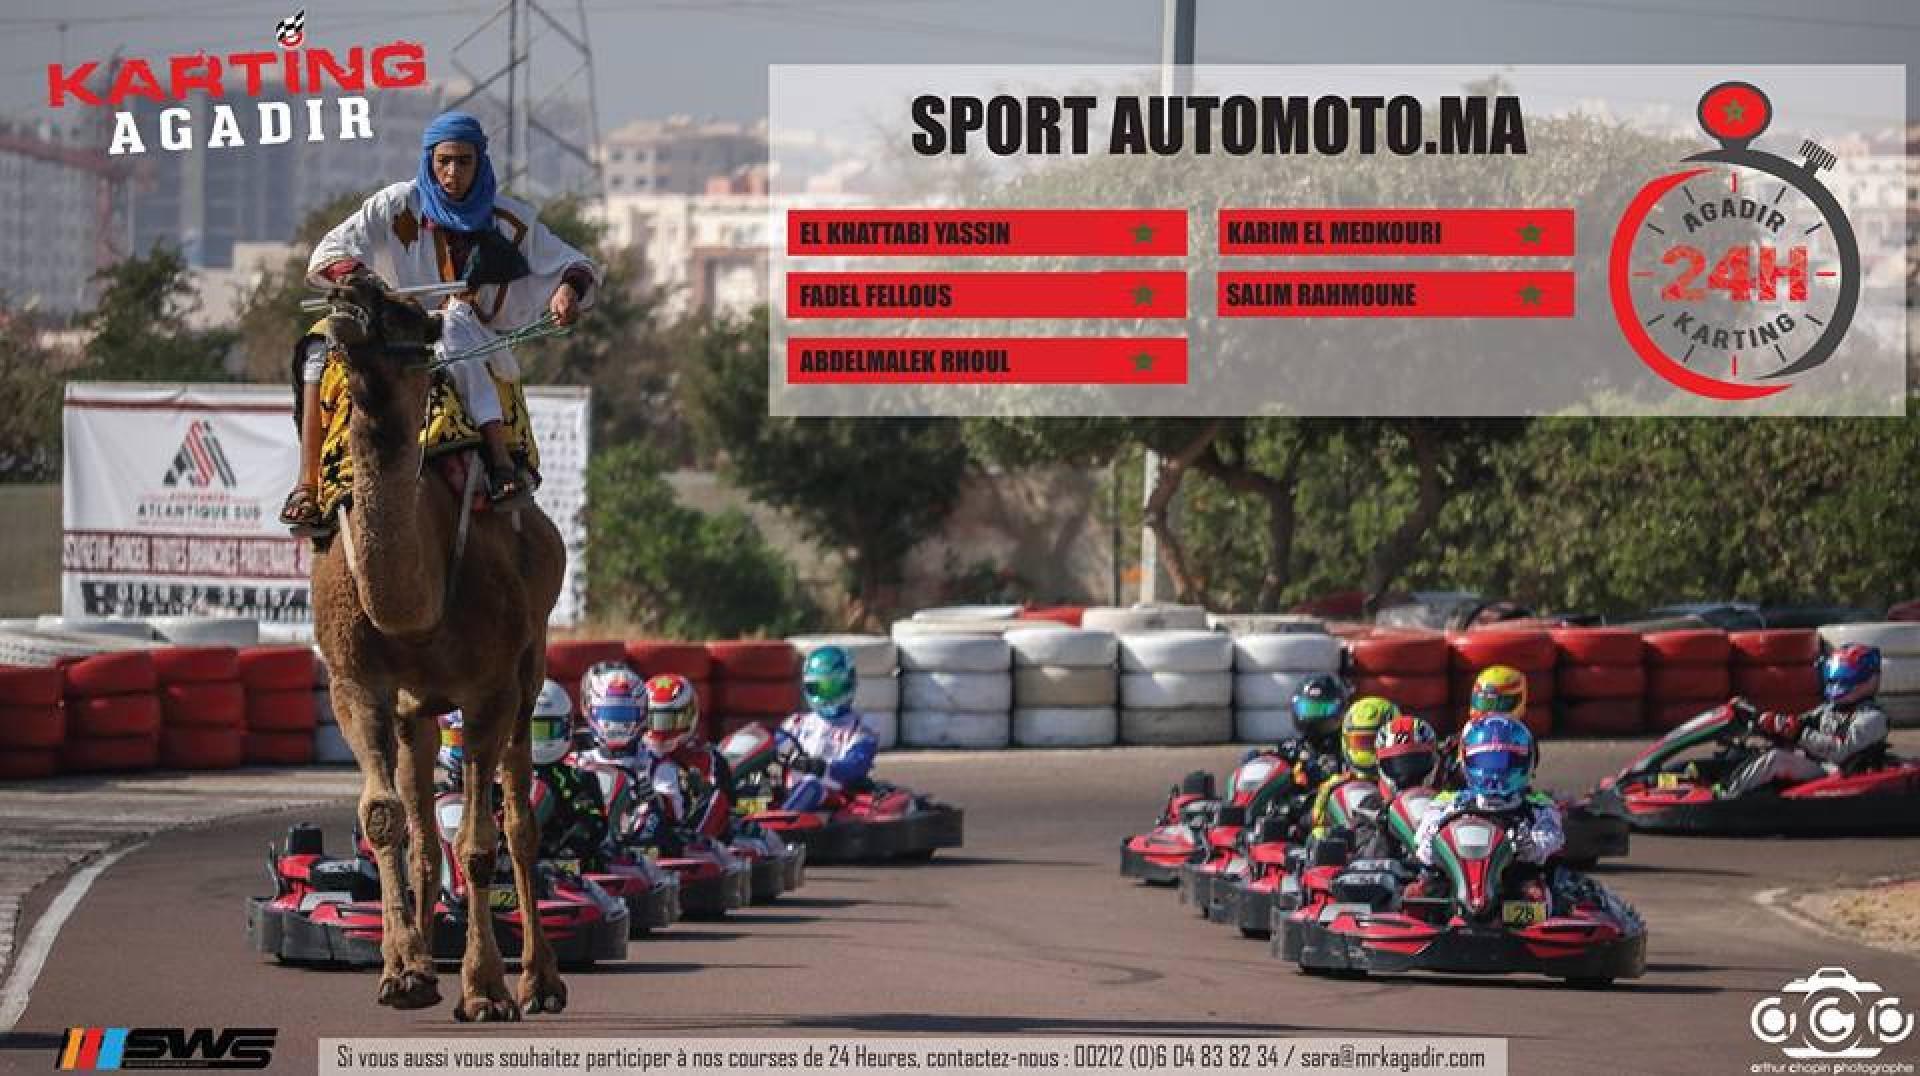 24H d'Agadir : 3 weekends, 3 courses, 300 pilotes !